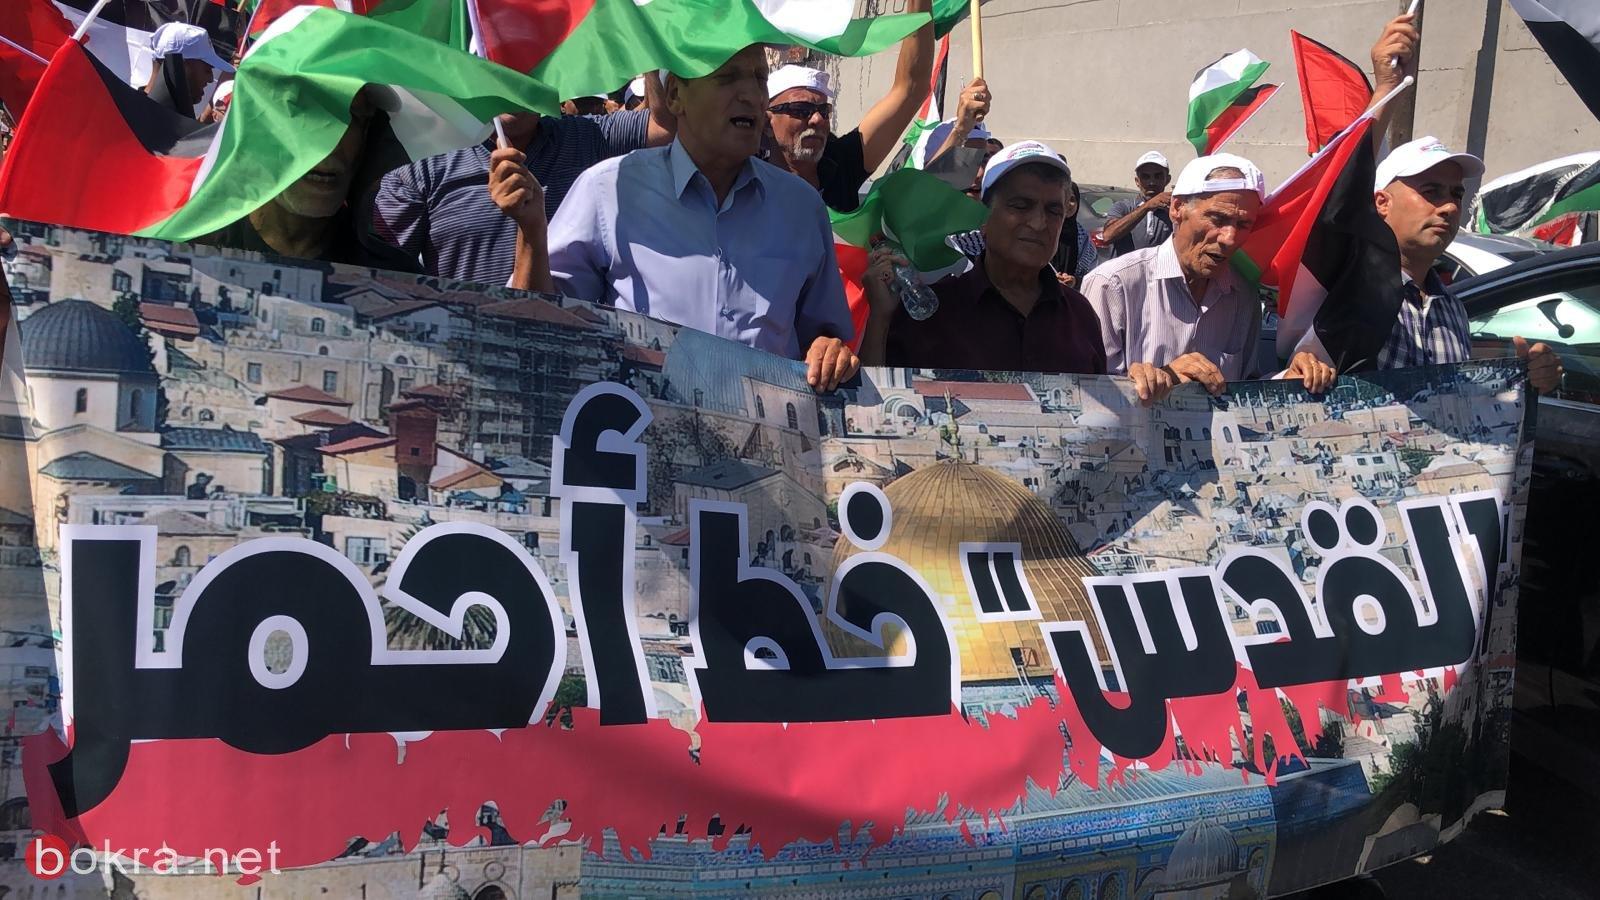 الأولى من نوعها.. مسيرة أعلام فلسطينية في الـ 48-12